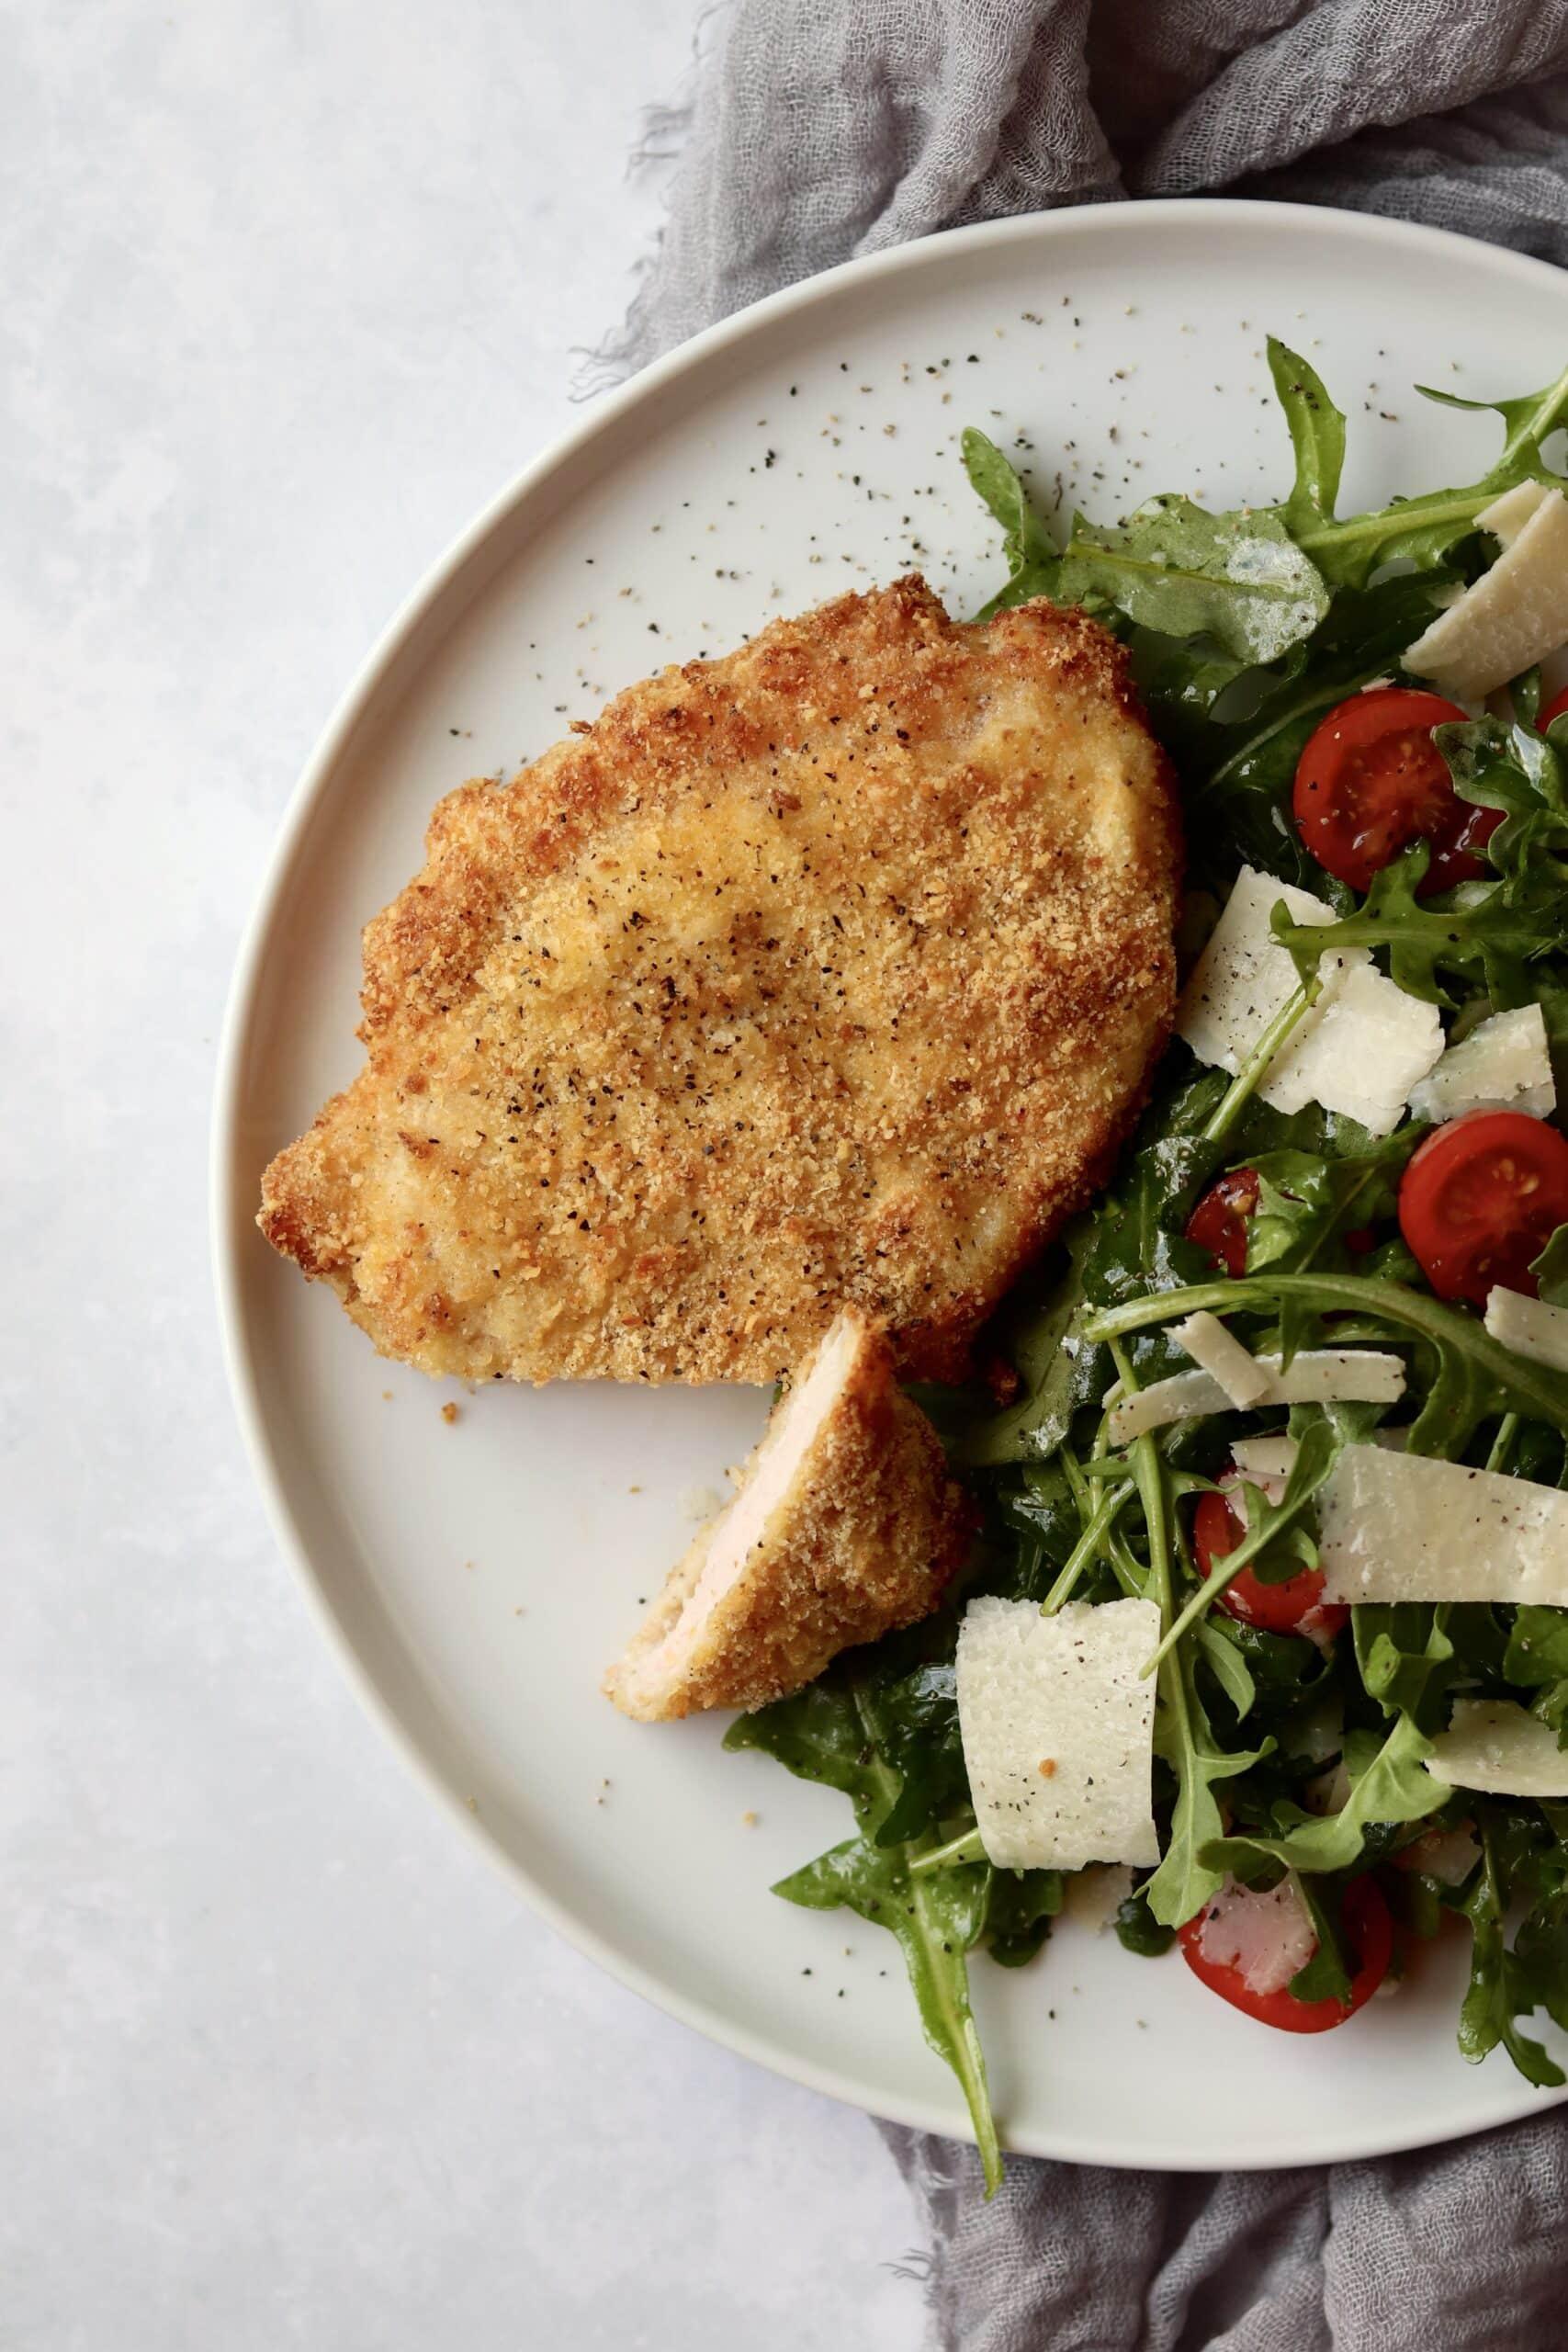 Air fryer crispy pork chops with arugula salad